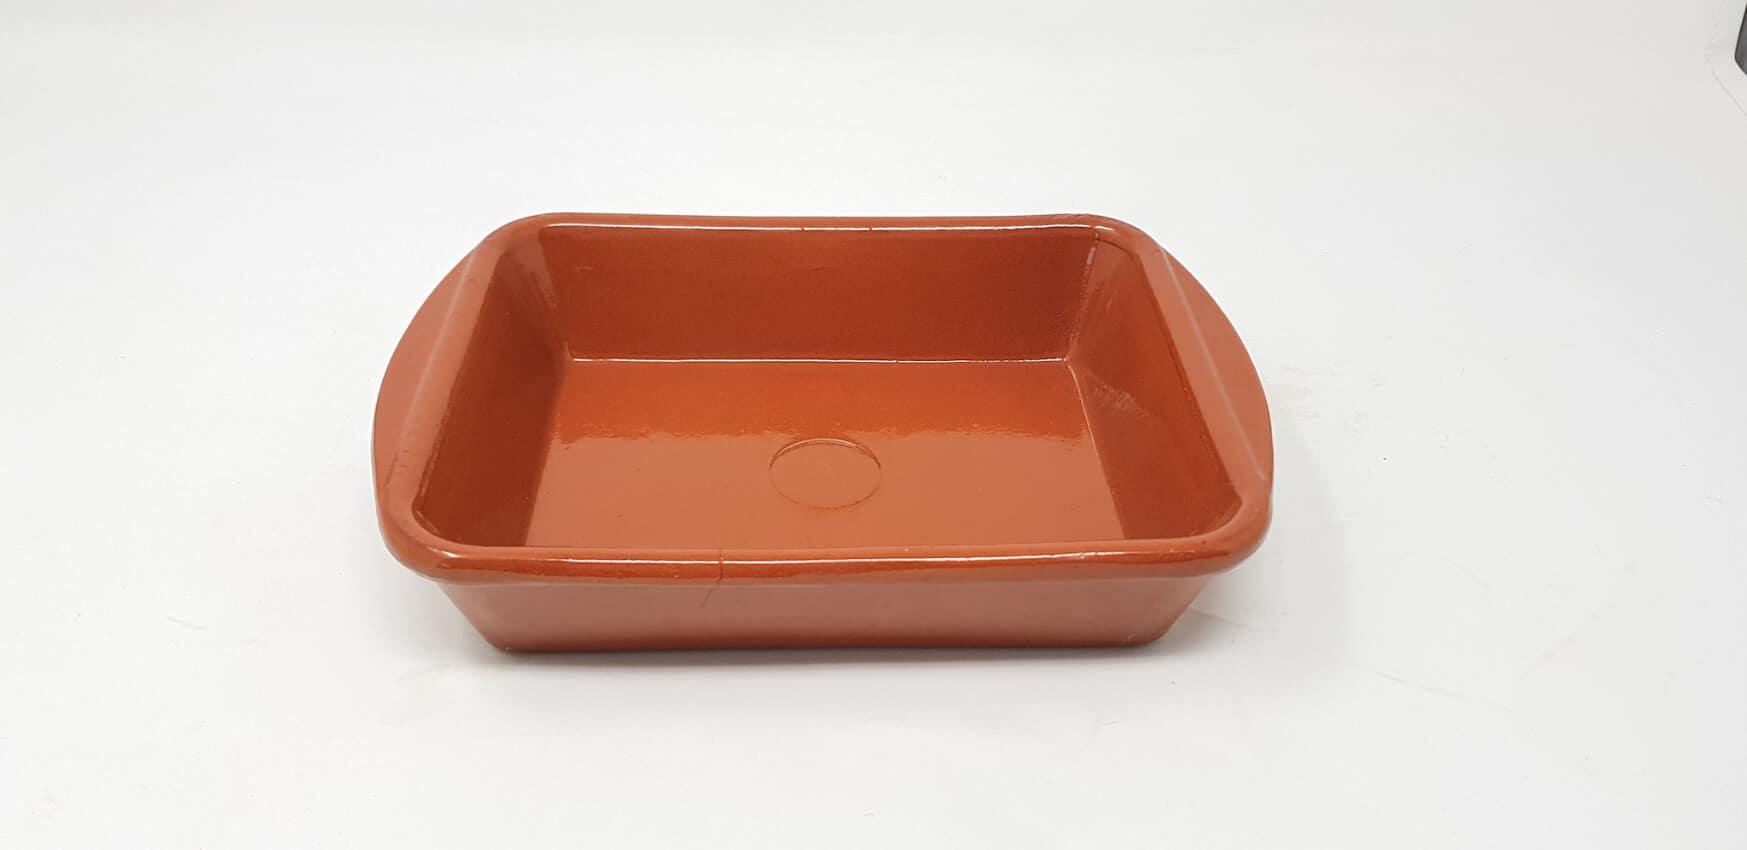 Verano-Spanish-Ceramics-El-Toro-Rectangular-Oven-Dishes-Set-of-3-4